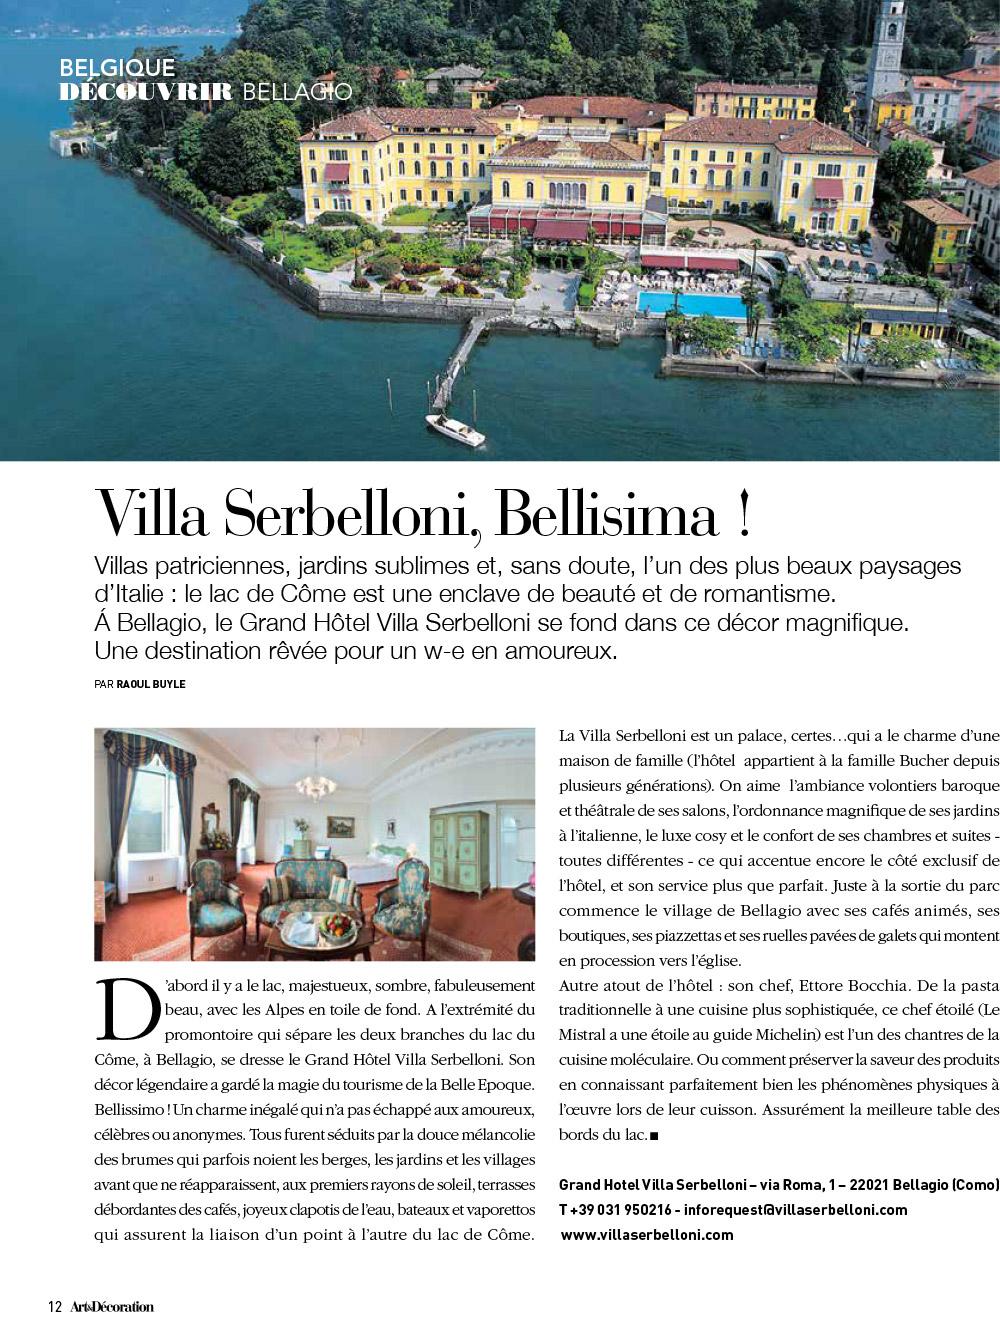 Découvrir Bellagio